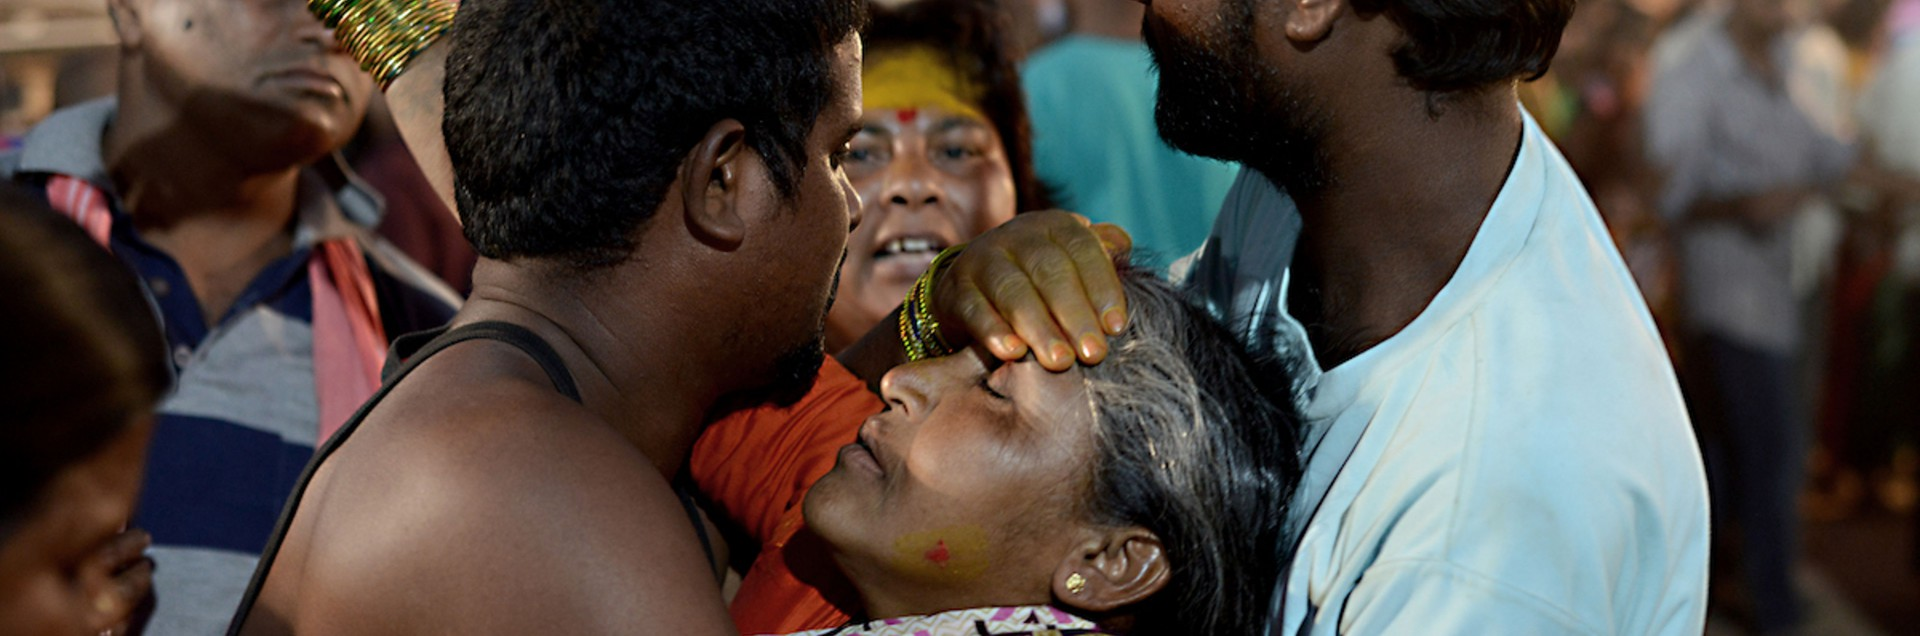 Il Sammakka Sarakka Jatara <br> tra donne in trance e animali uccisi